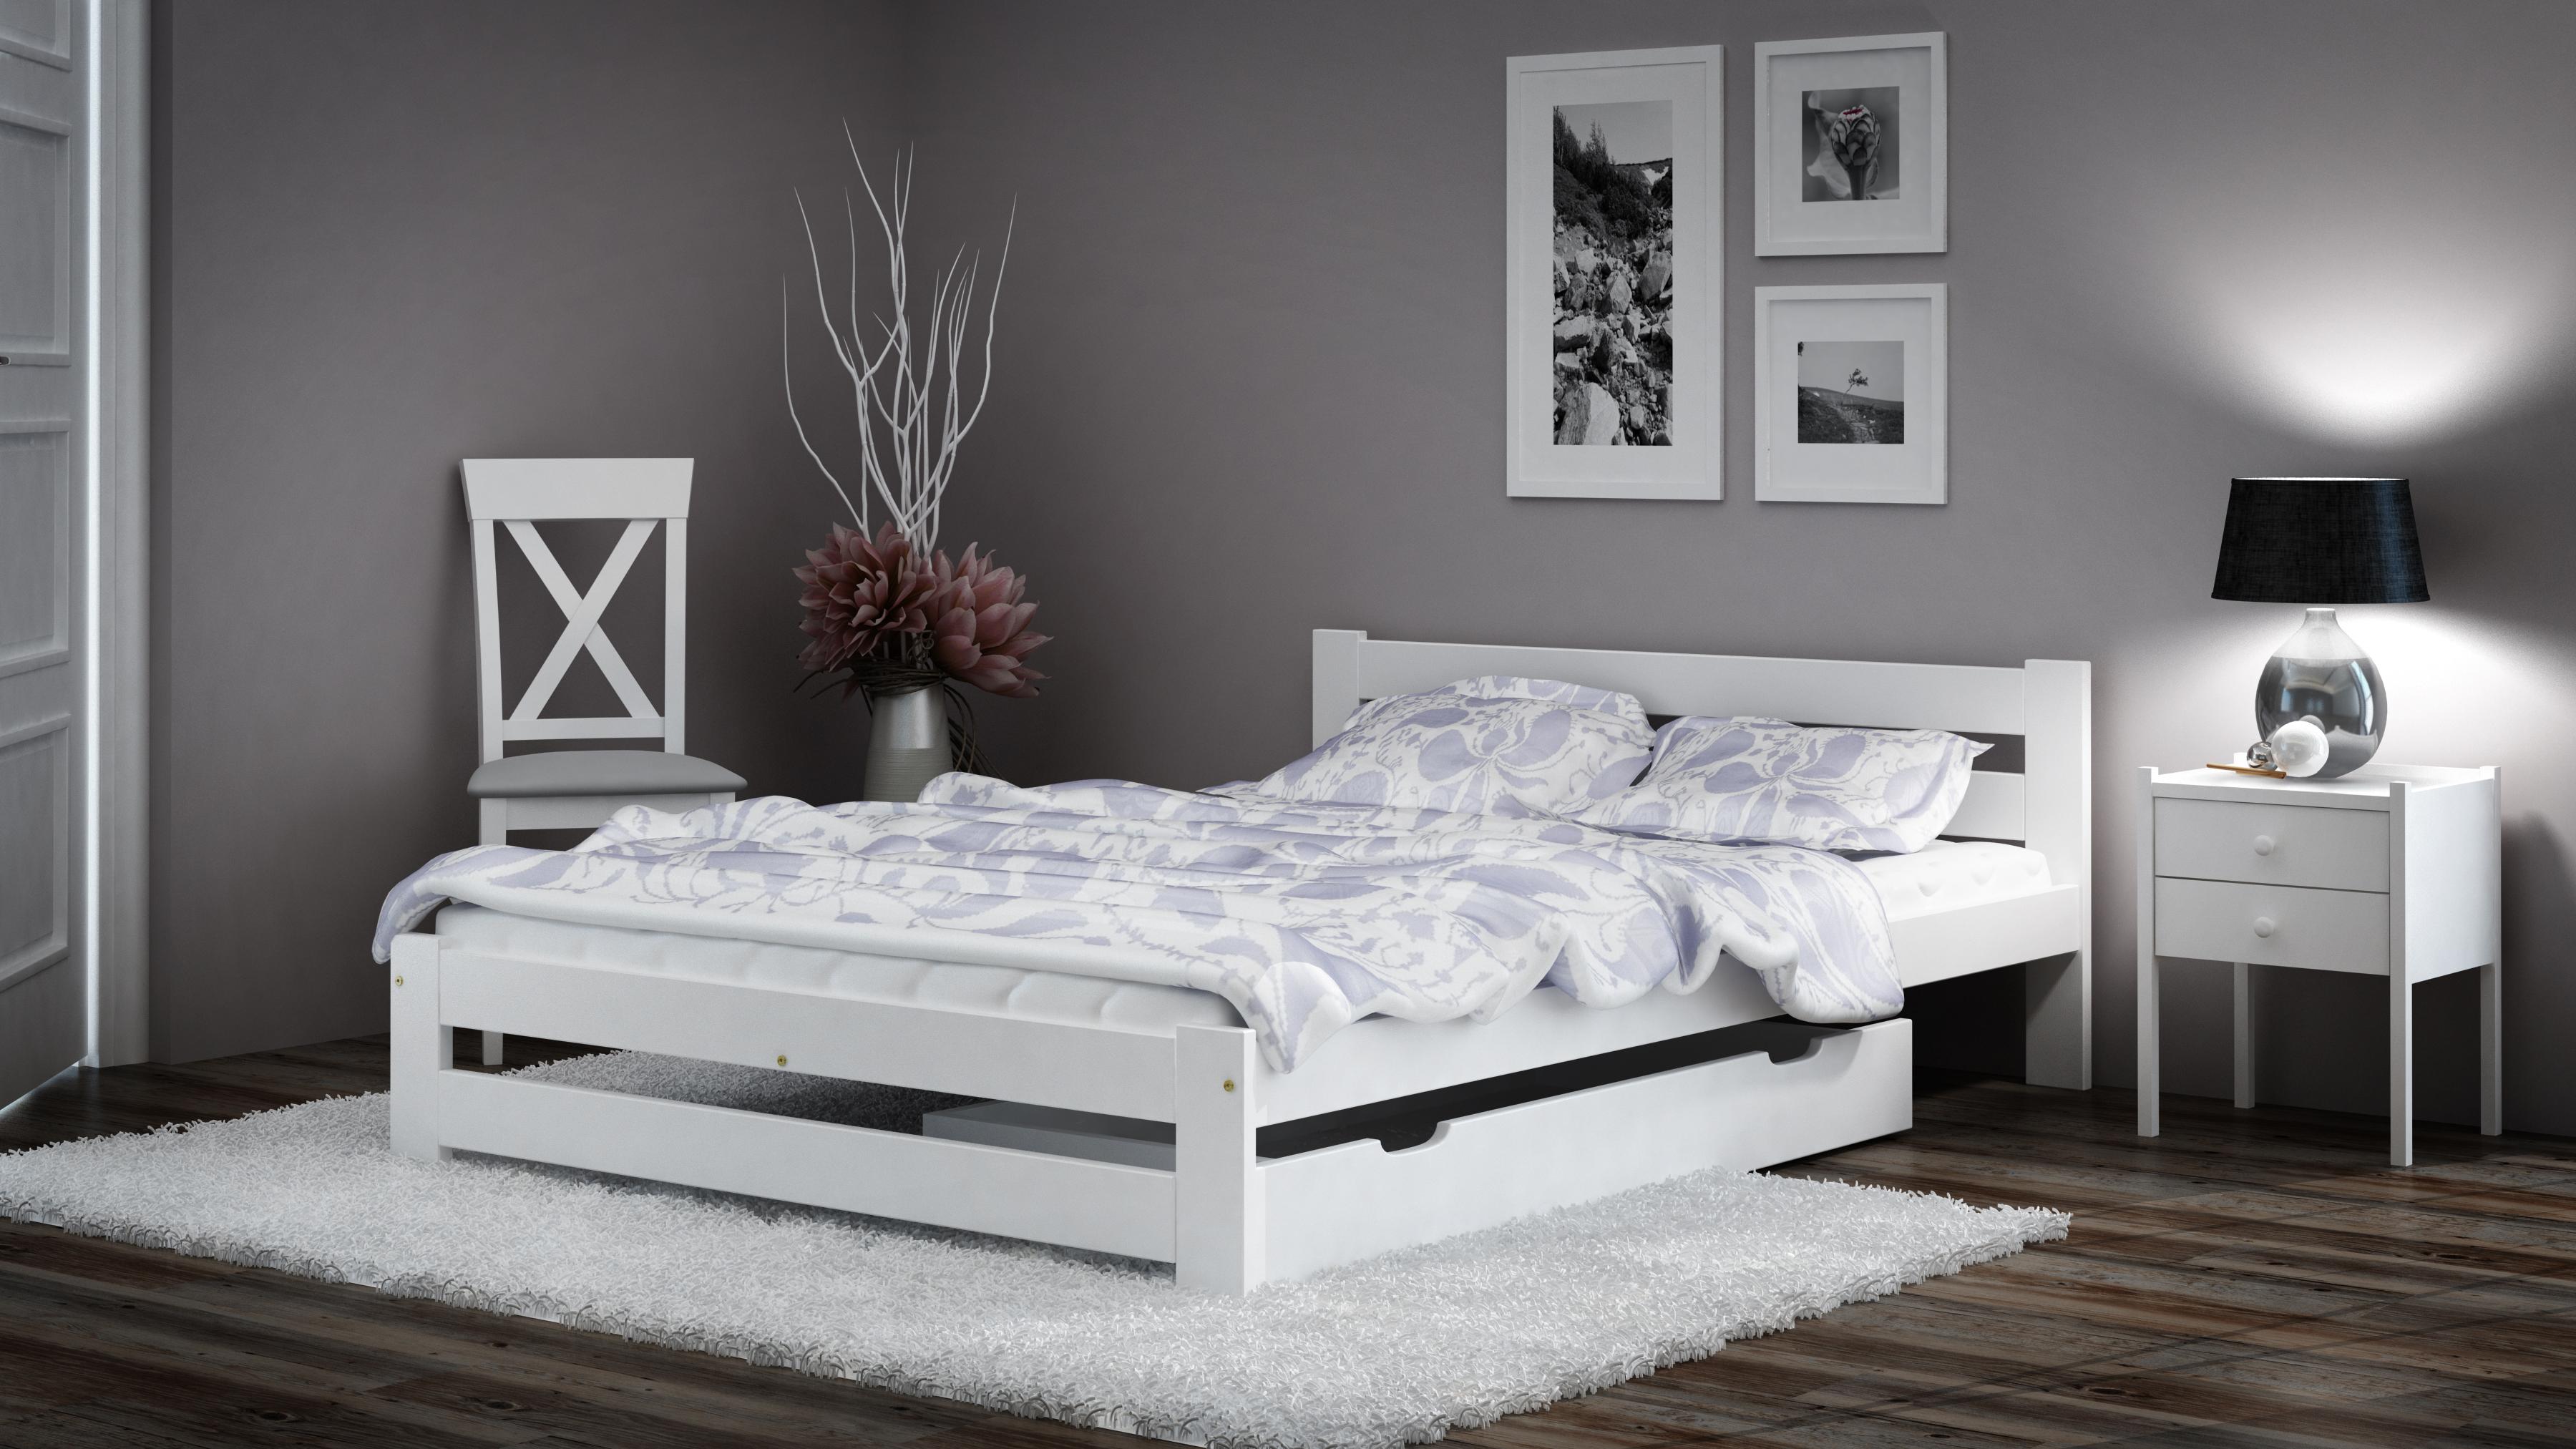 Details zu Holzbett Bett Doppelbett weiß Set Nachttisch Bettkasten Matratze  Kiefer lackiert